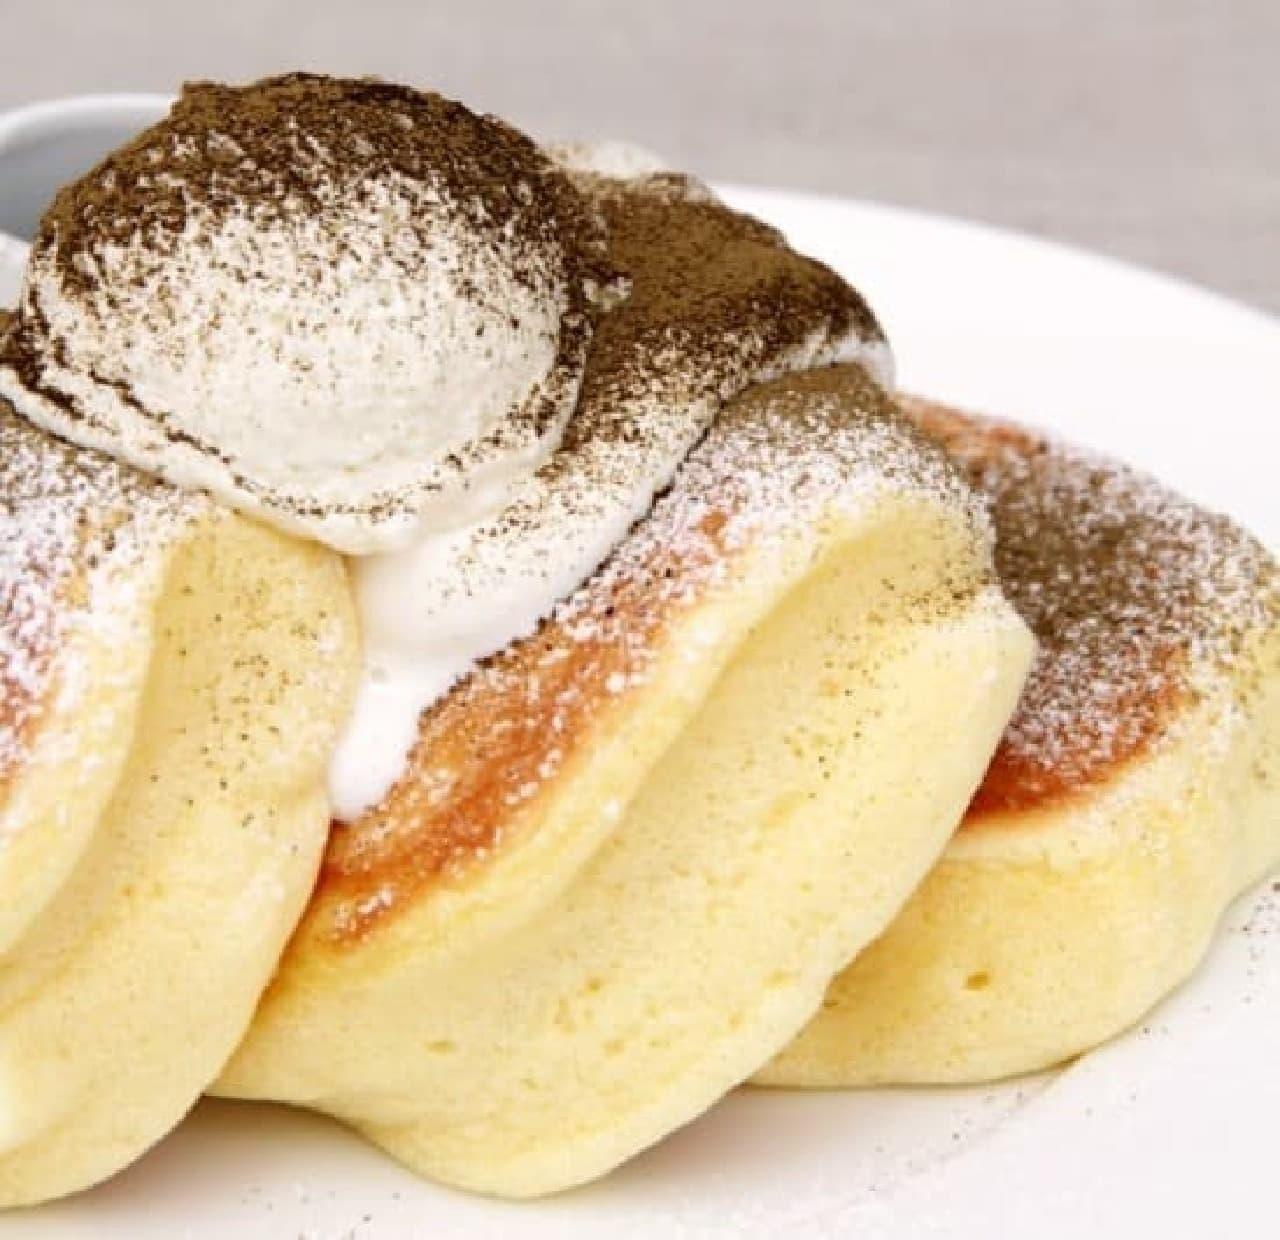 幸せのパンケーキ「焙じ茶ティラミスパンケーキ 黒蜜添え」